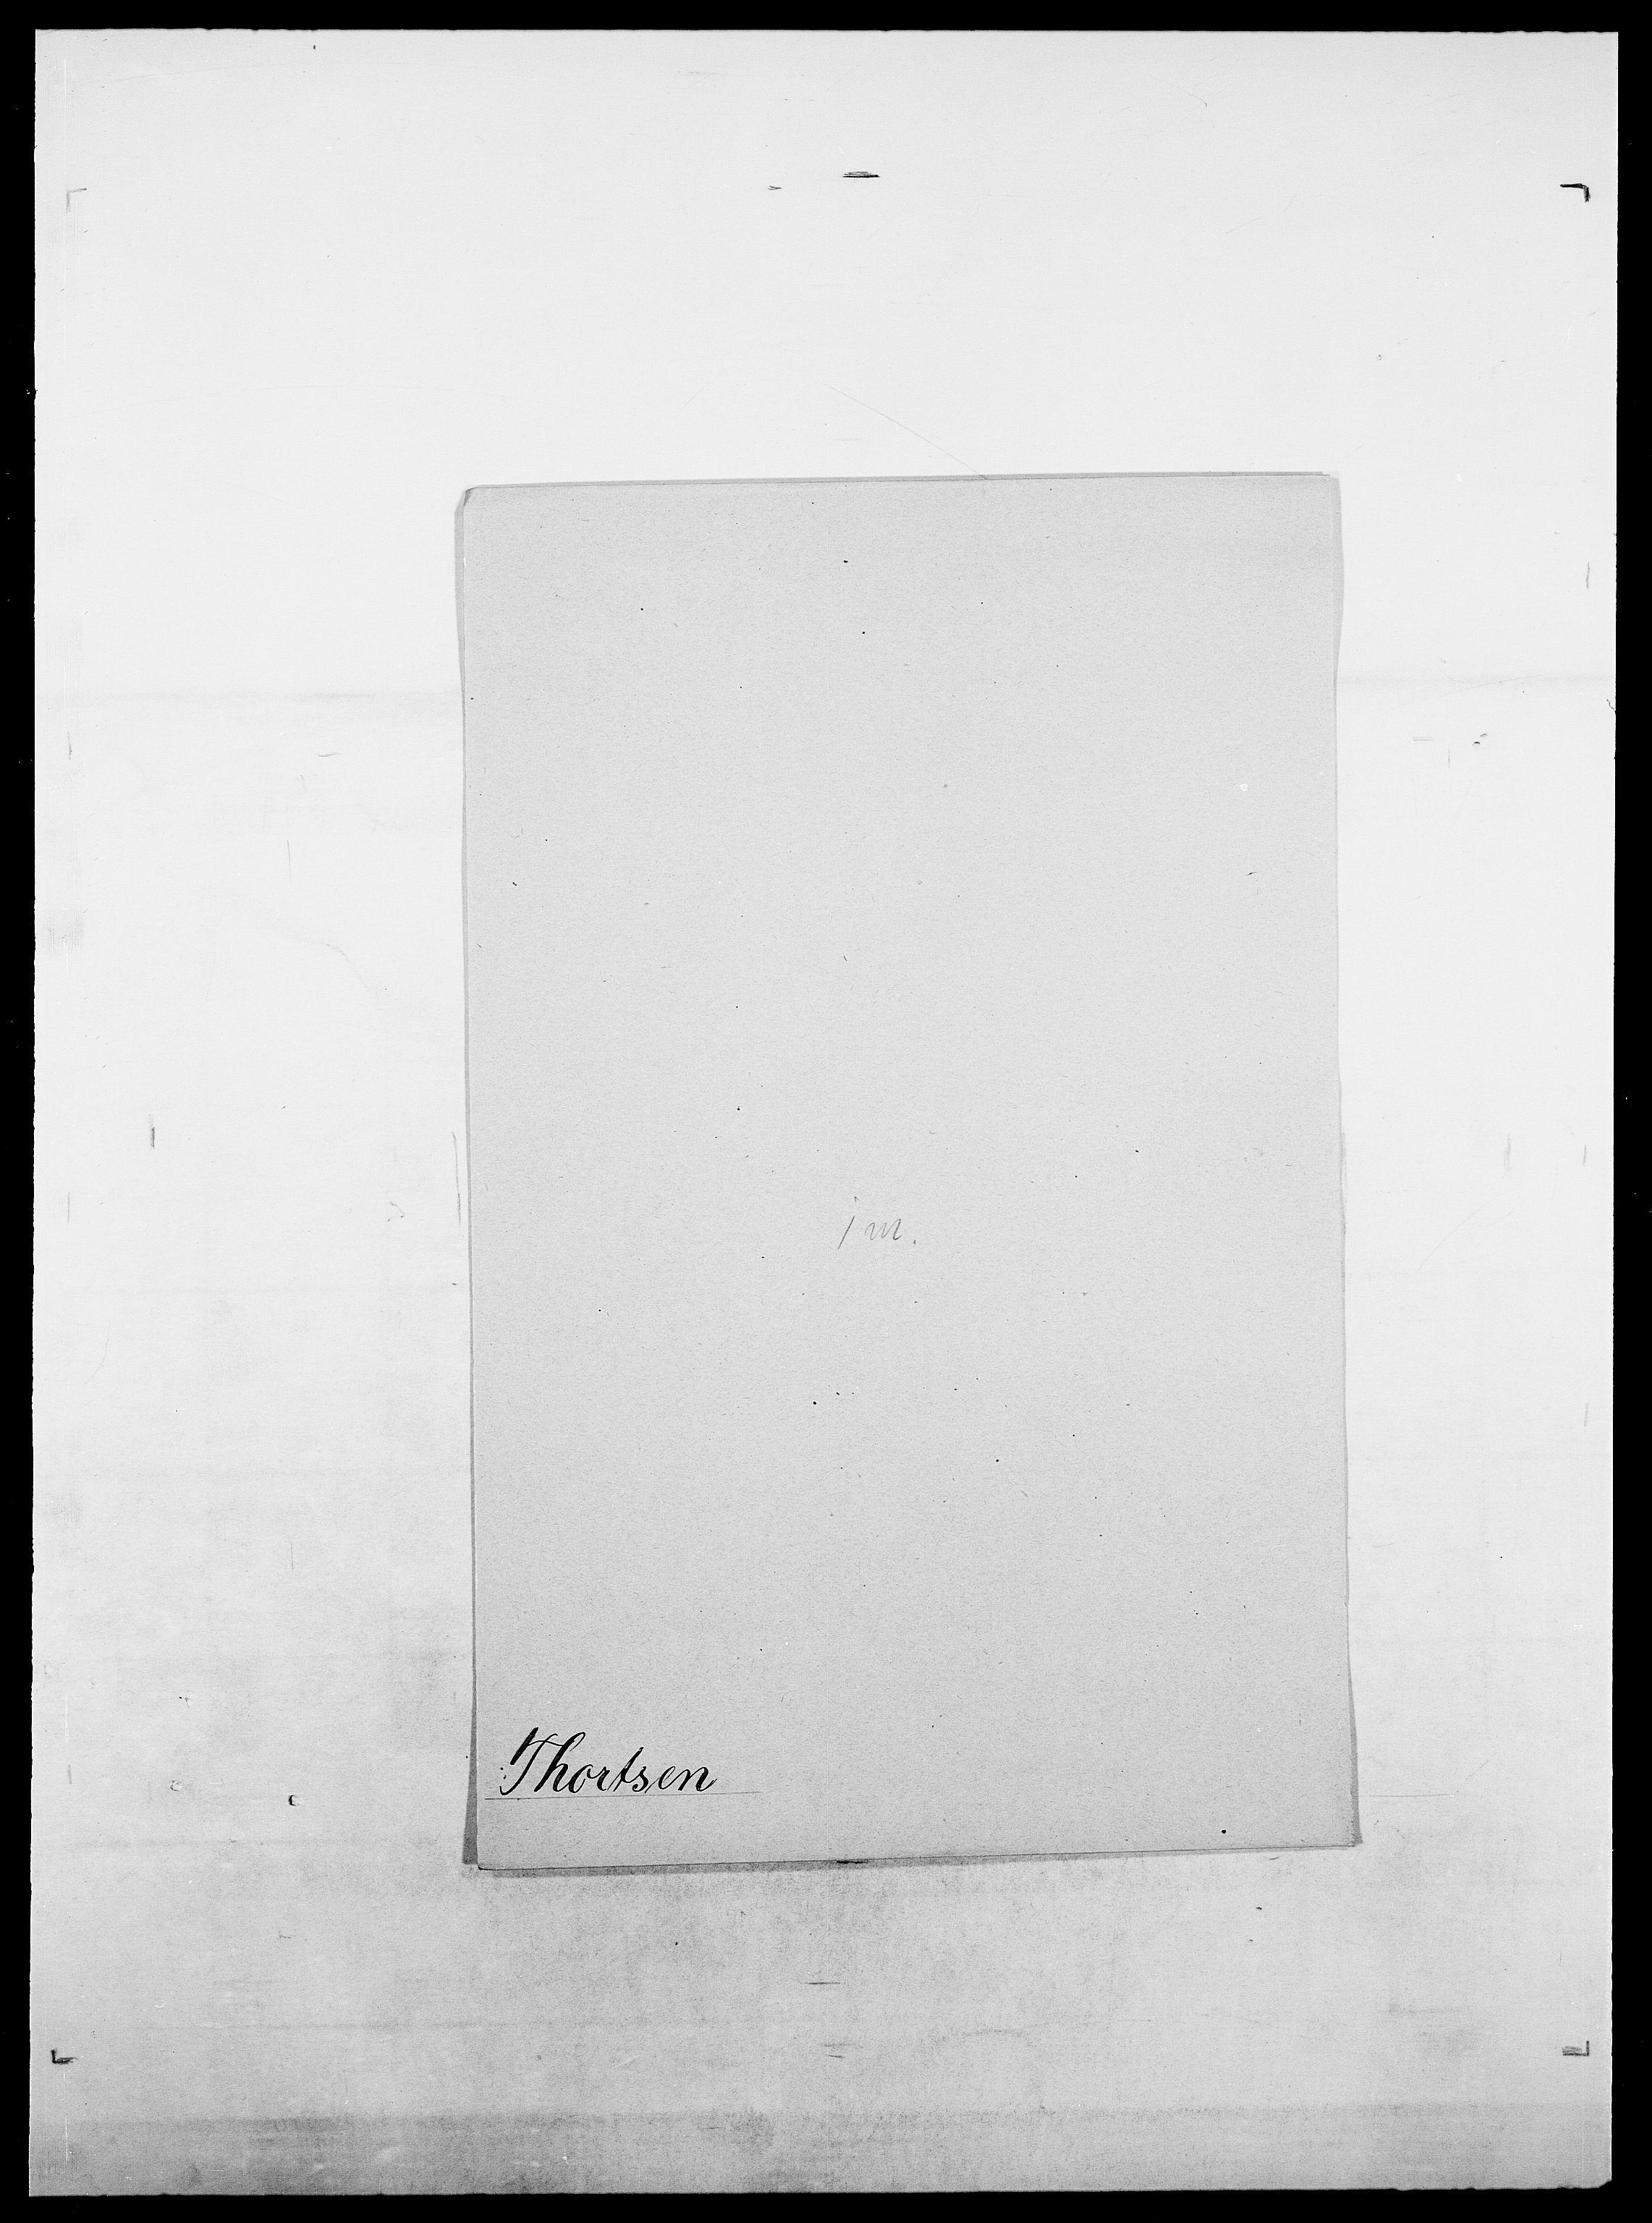 SAO, Delgobe, Charles Antoine - samling, D/Da/L0038: Svanenskjold - Thornsohn, s. 913